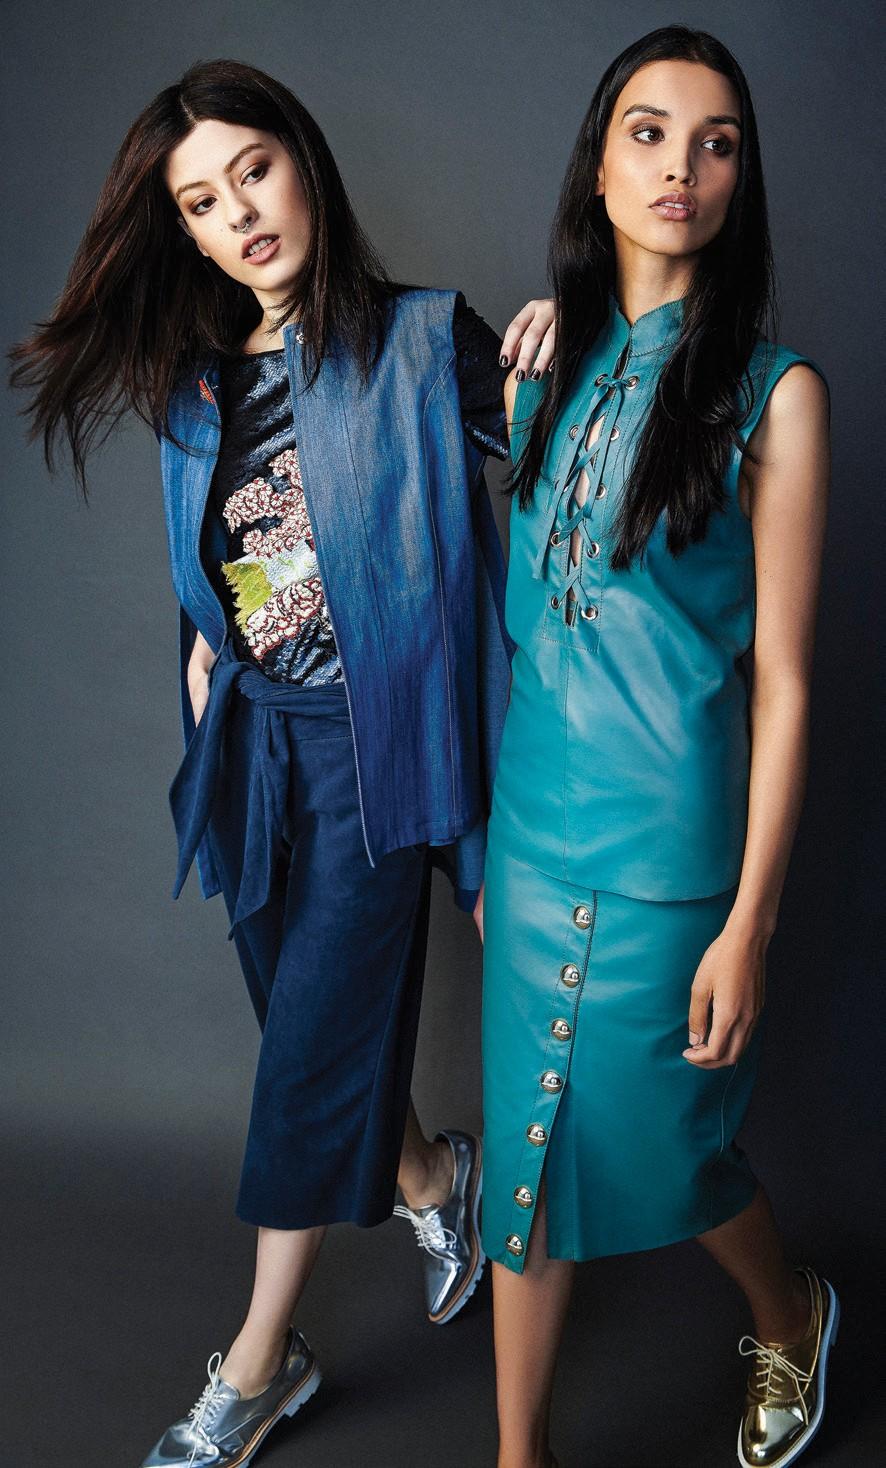 Consagrada pelas peças em couro, Ammis lança linha de jeans